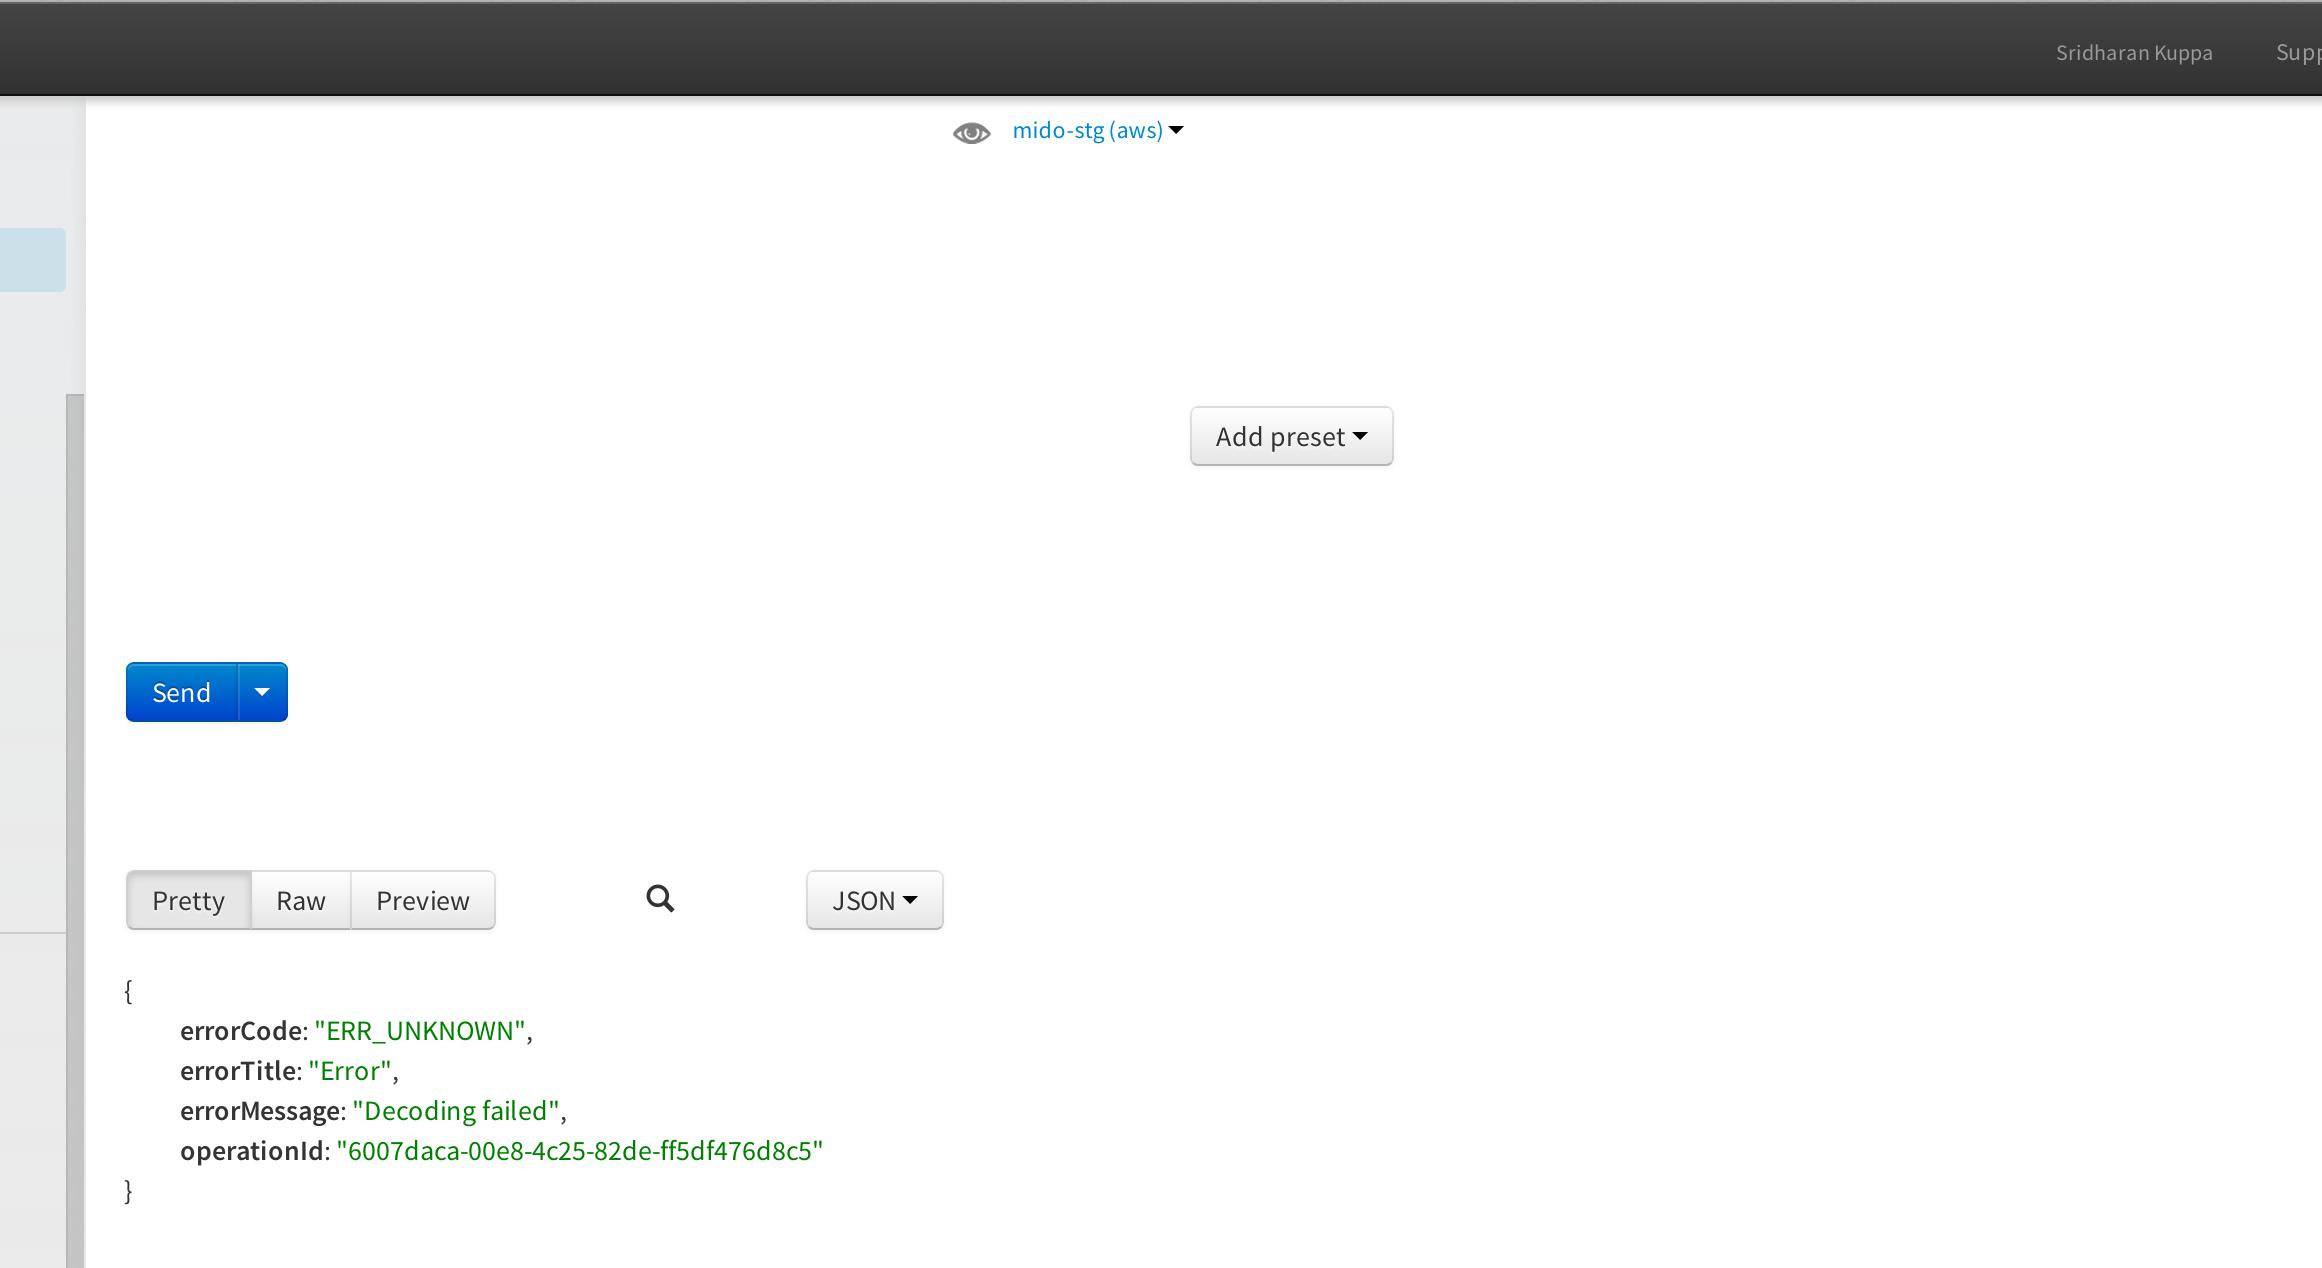 screen shot 2014-09-08 at 9 33 34 am